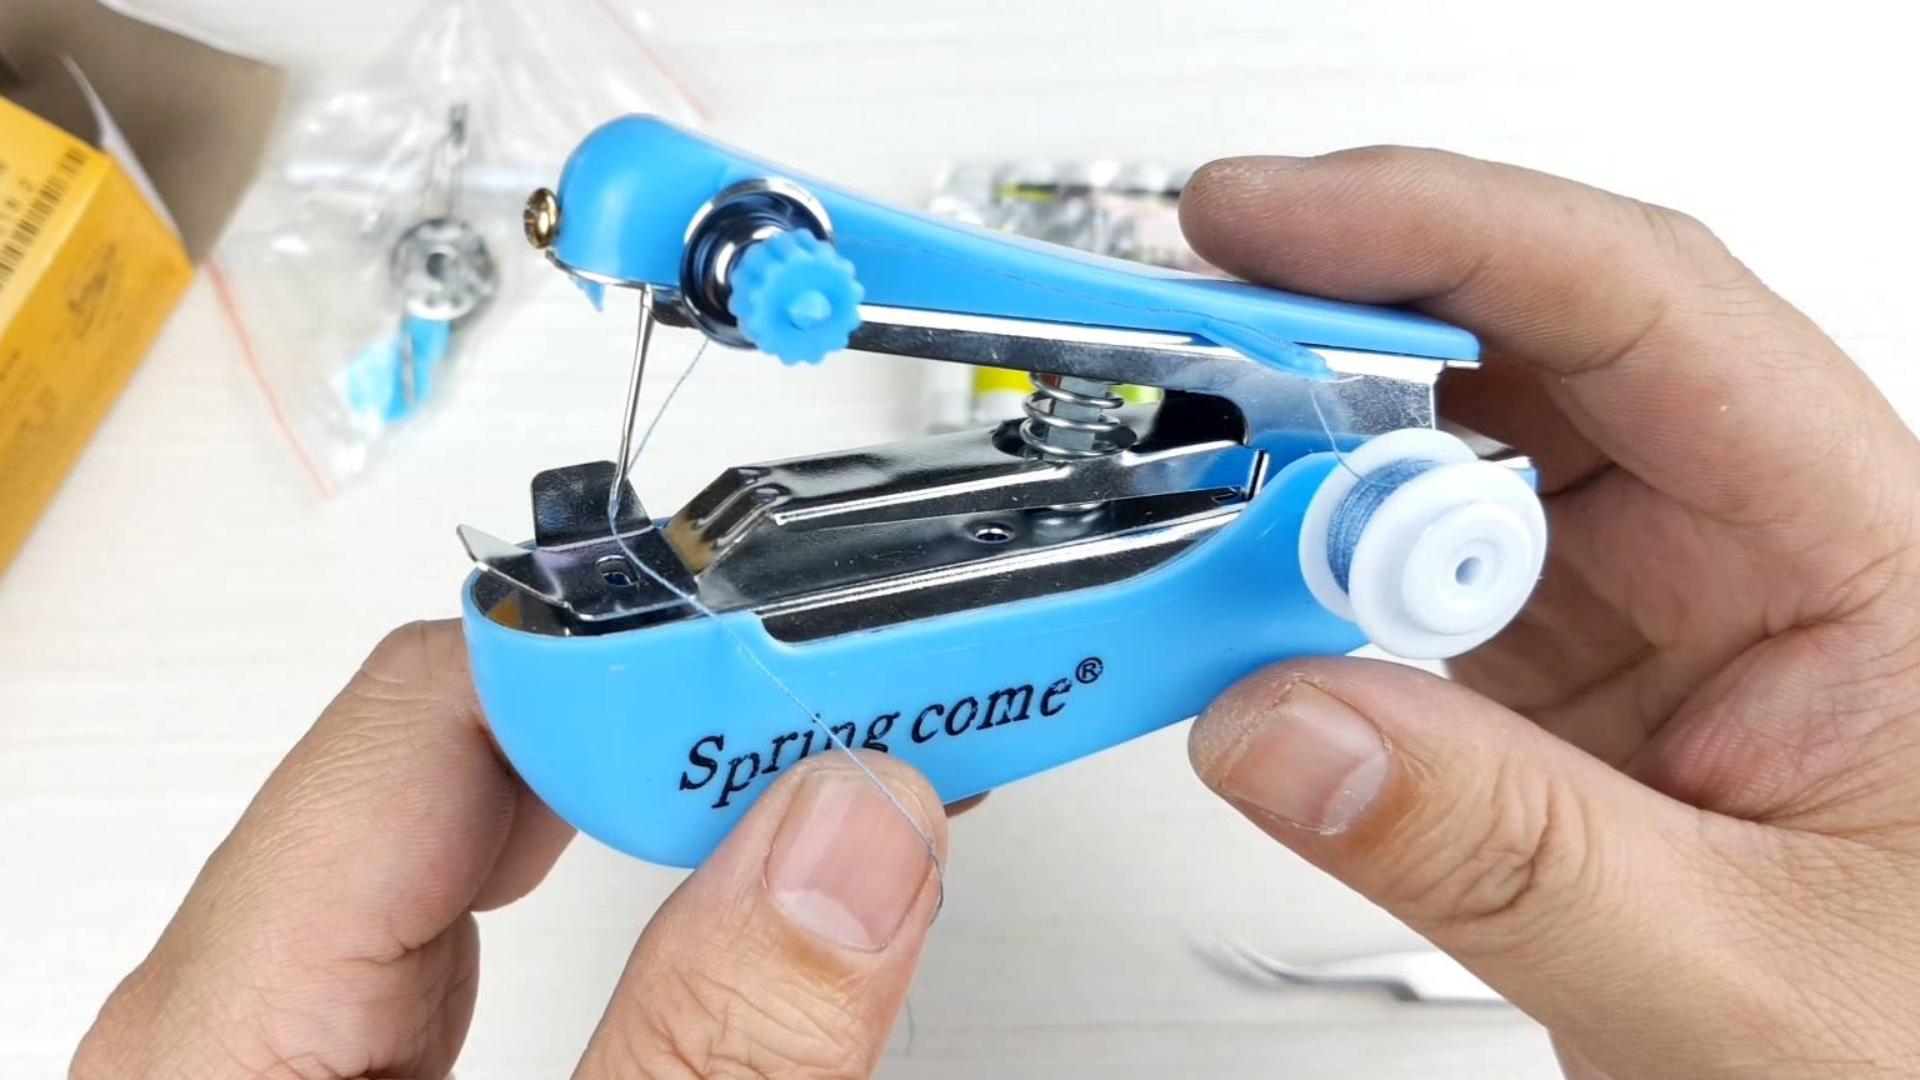 手持缝纫机的机械结构和工作原理,用它可以自己在家做牛仔裤吗?